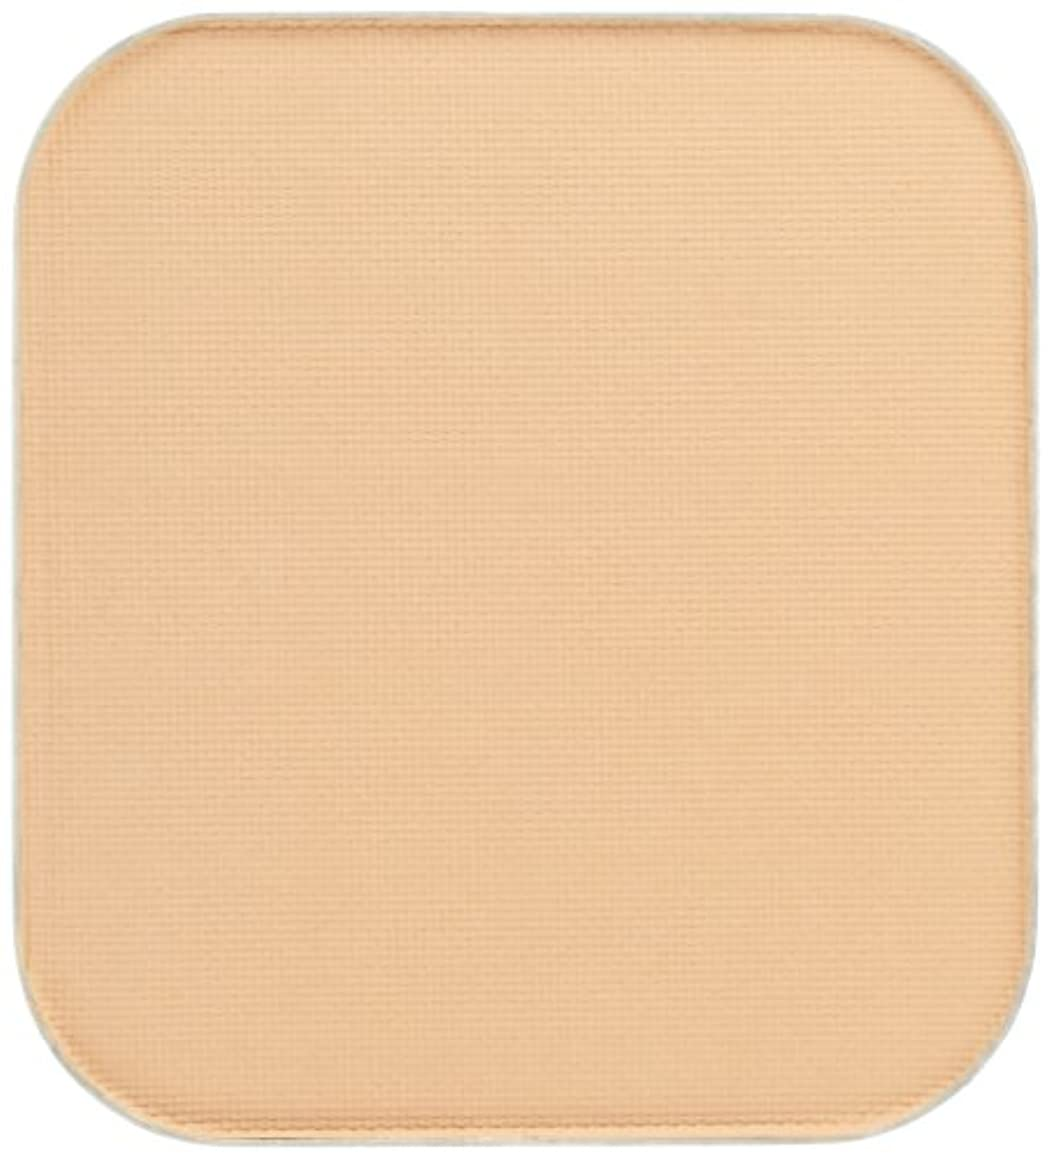 私たちペストリー乳白色KOSE コーセー ノア UVホワイト パウダーファンデーションEX 41 詰替用 10.5g